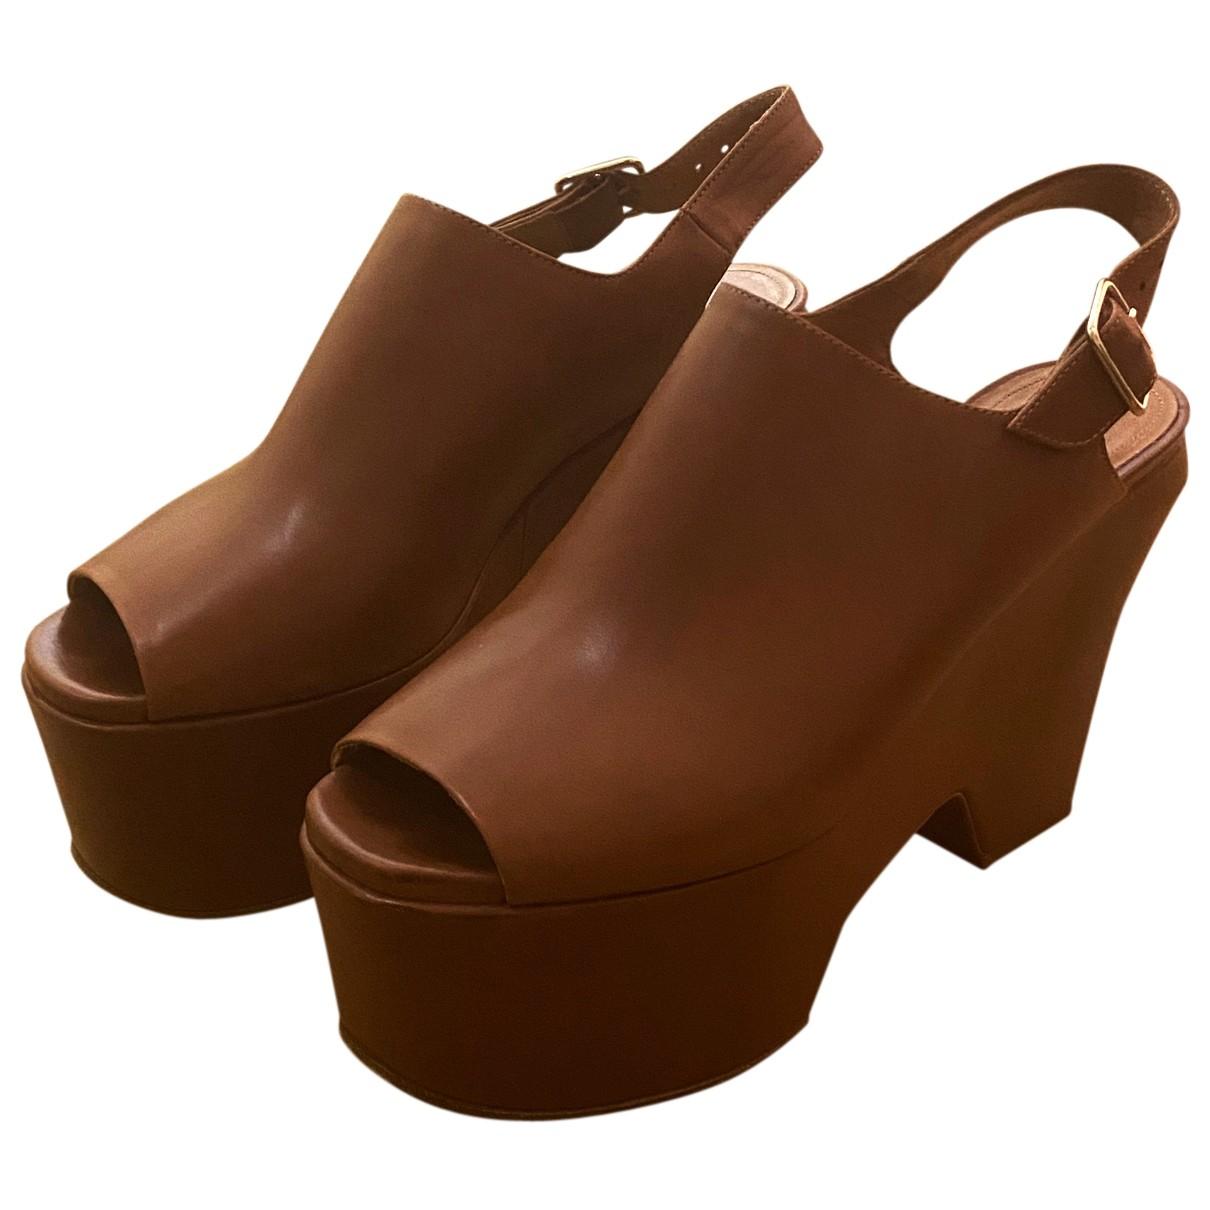 Dries Van Noten N Camel Leather Sandals for Women 38 EU